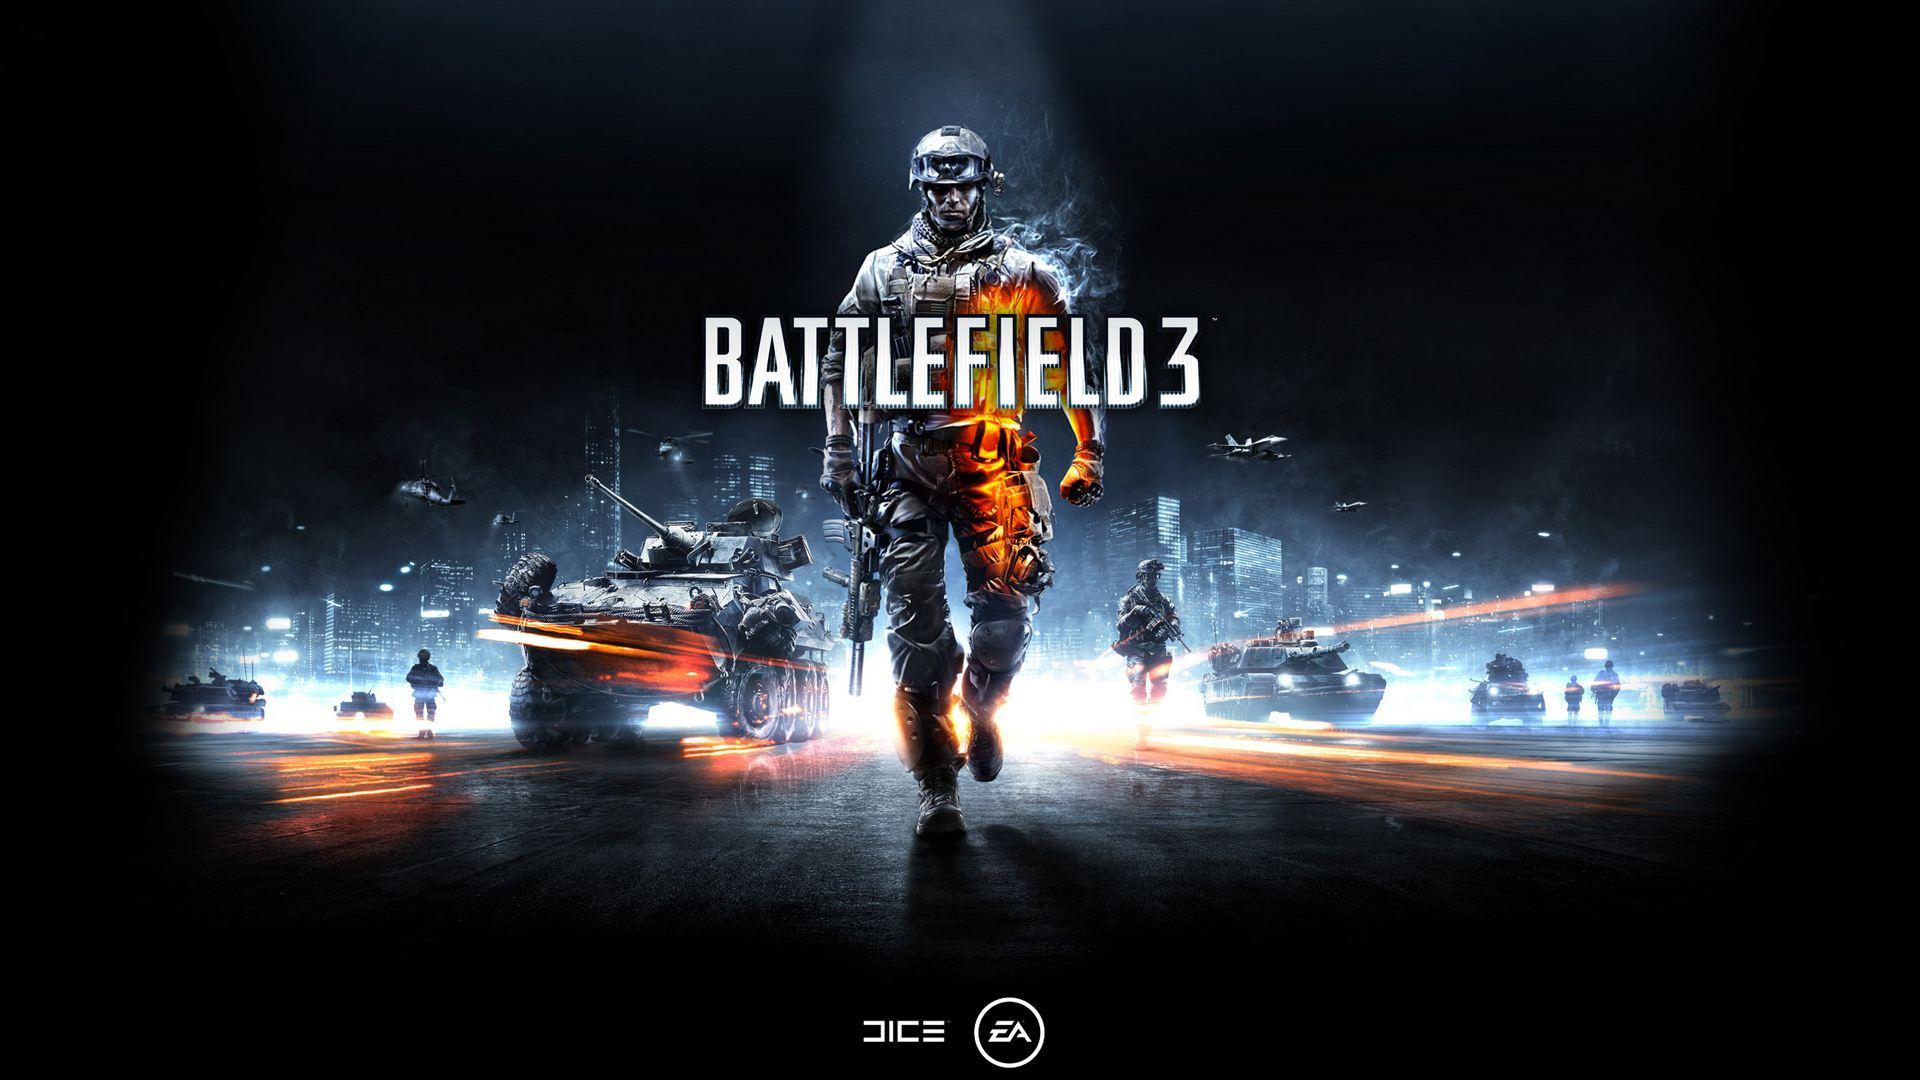 Battlefield 3 gratis en origin! rapido no se cuanto dura